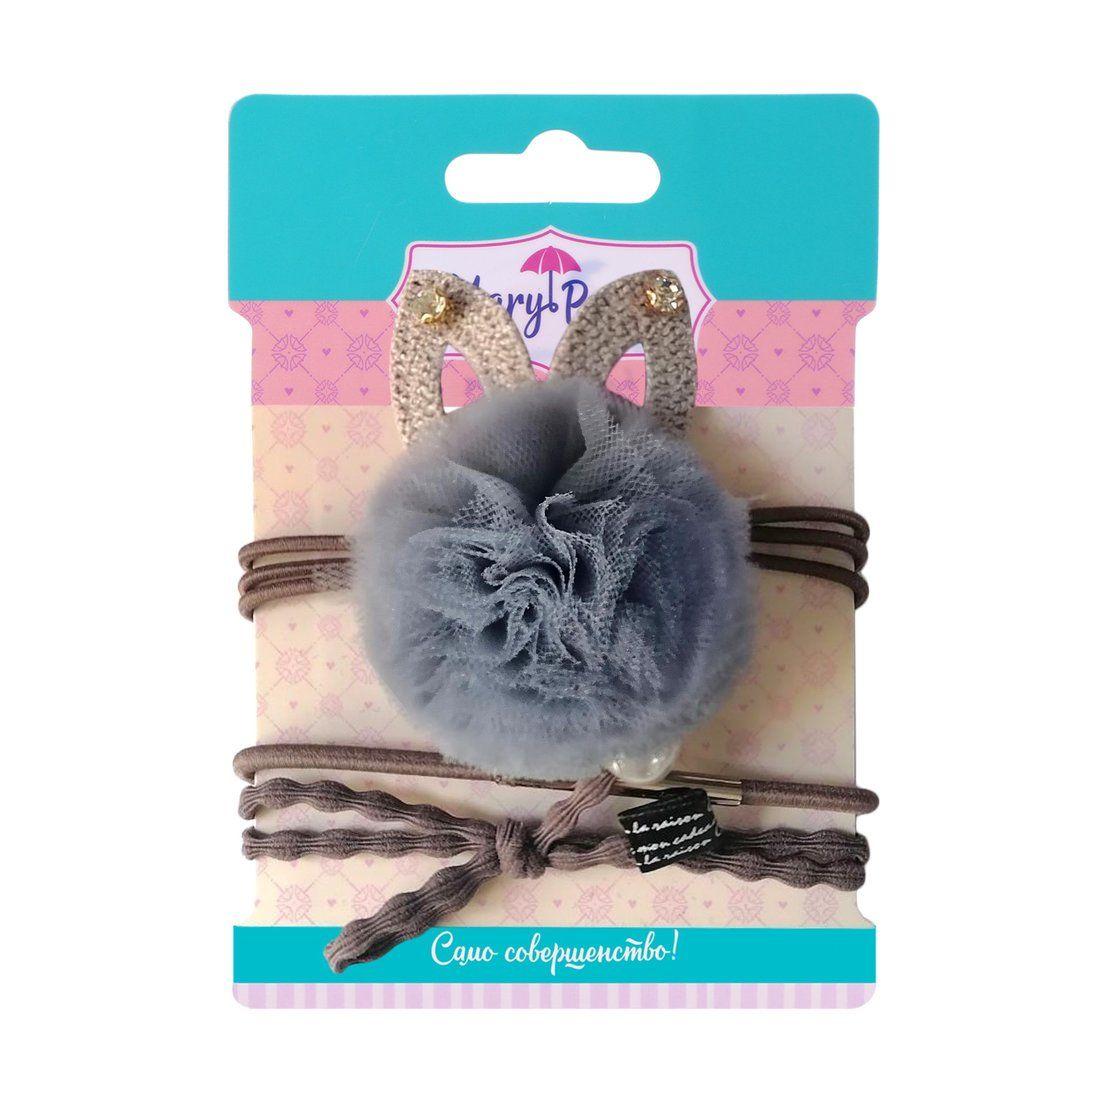 Набор резинок для волос  Зайка  3 шт., 4*6,5 см., голуб.